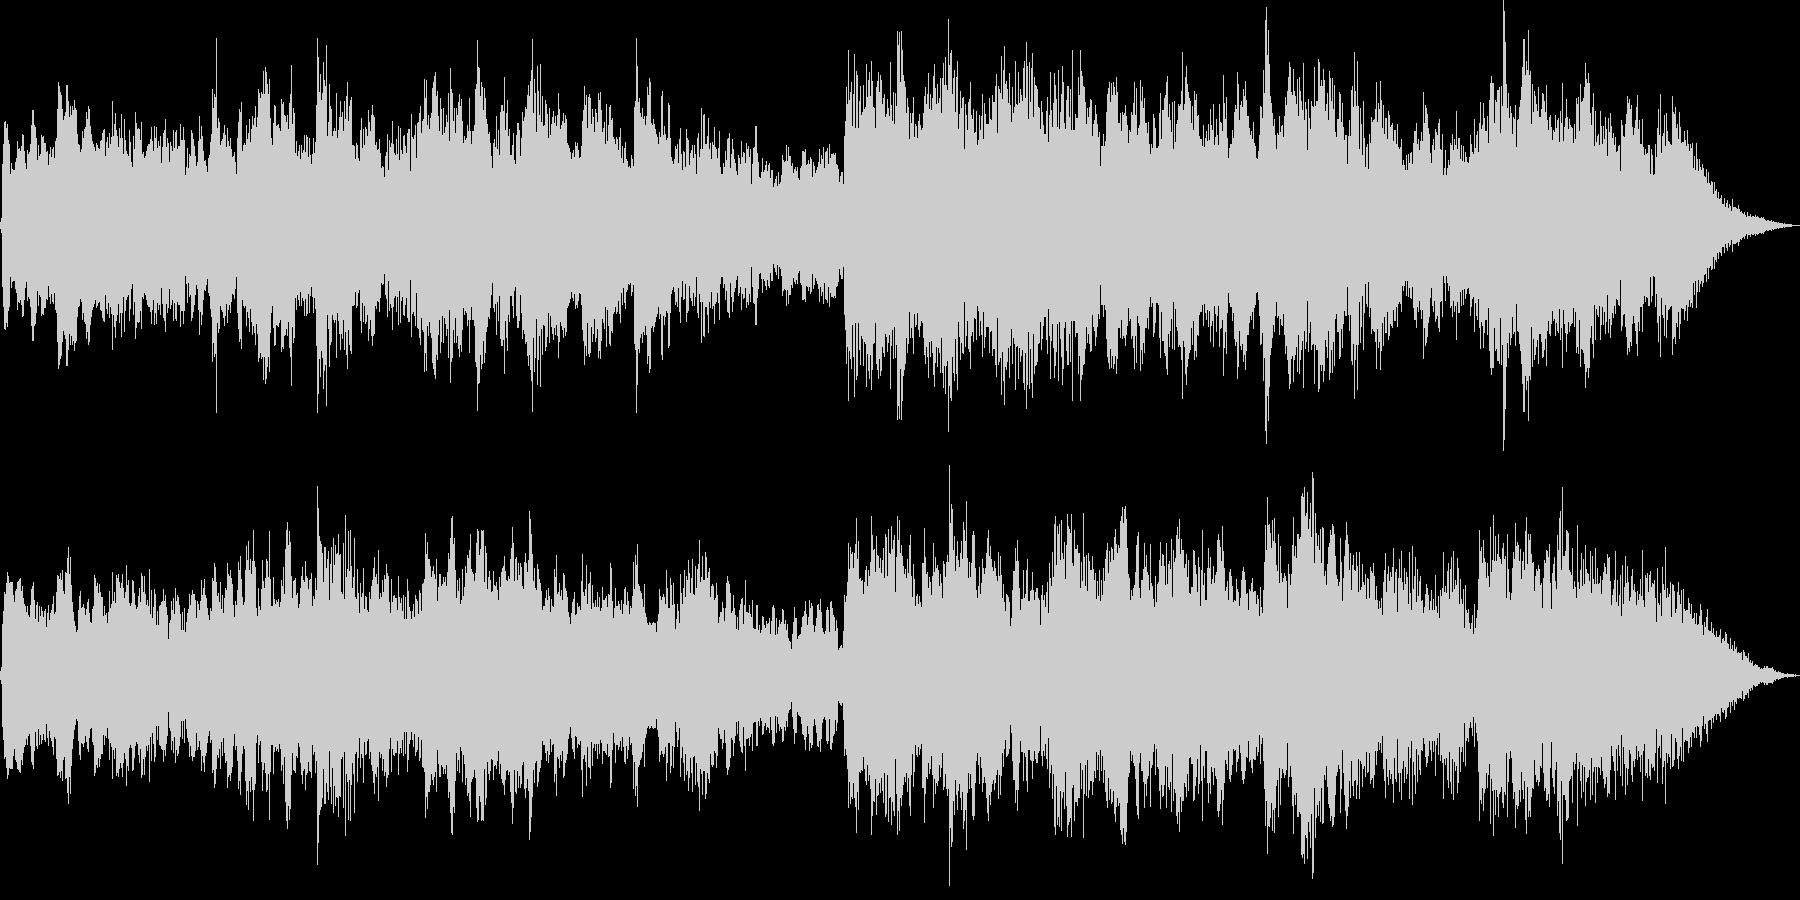 アコギとシンセの悲しく暗いBGMの未再生の波形